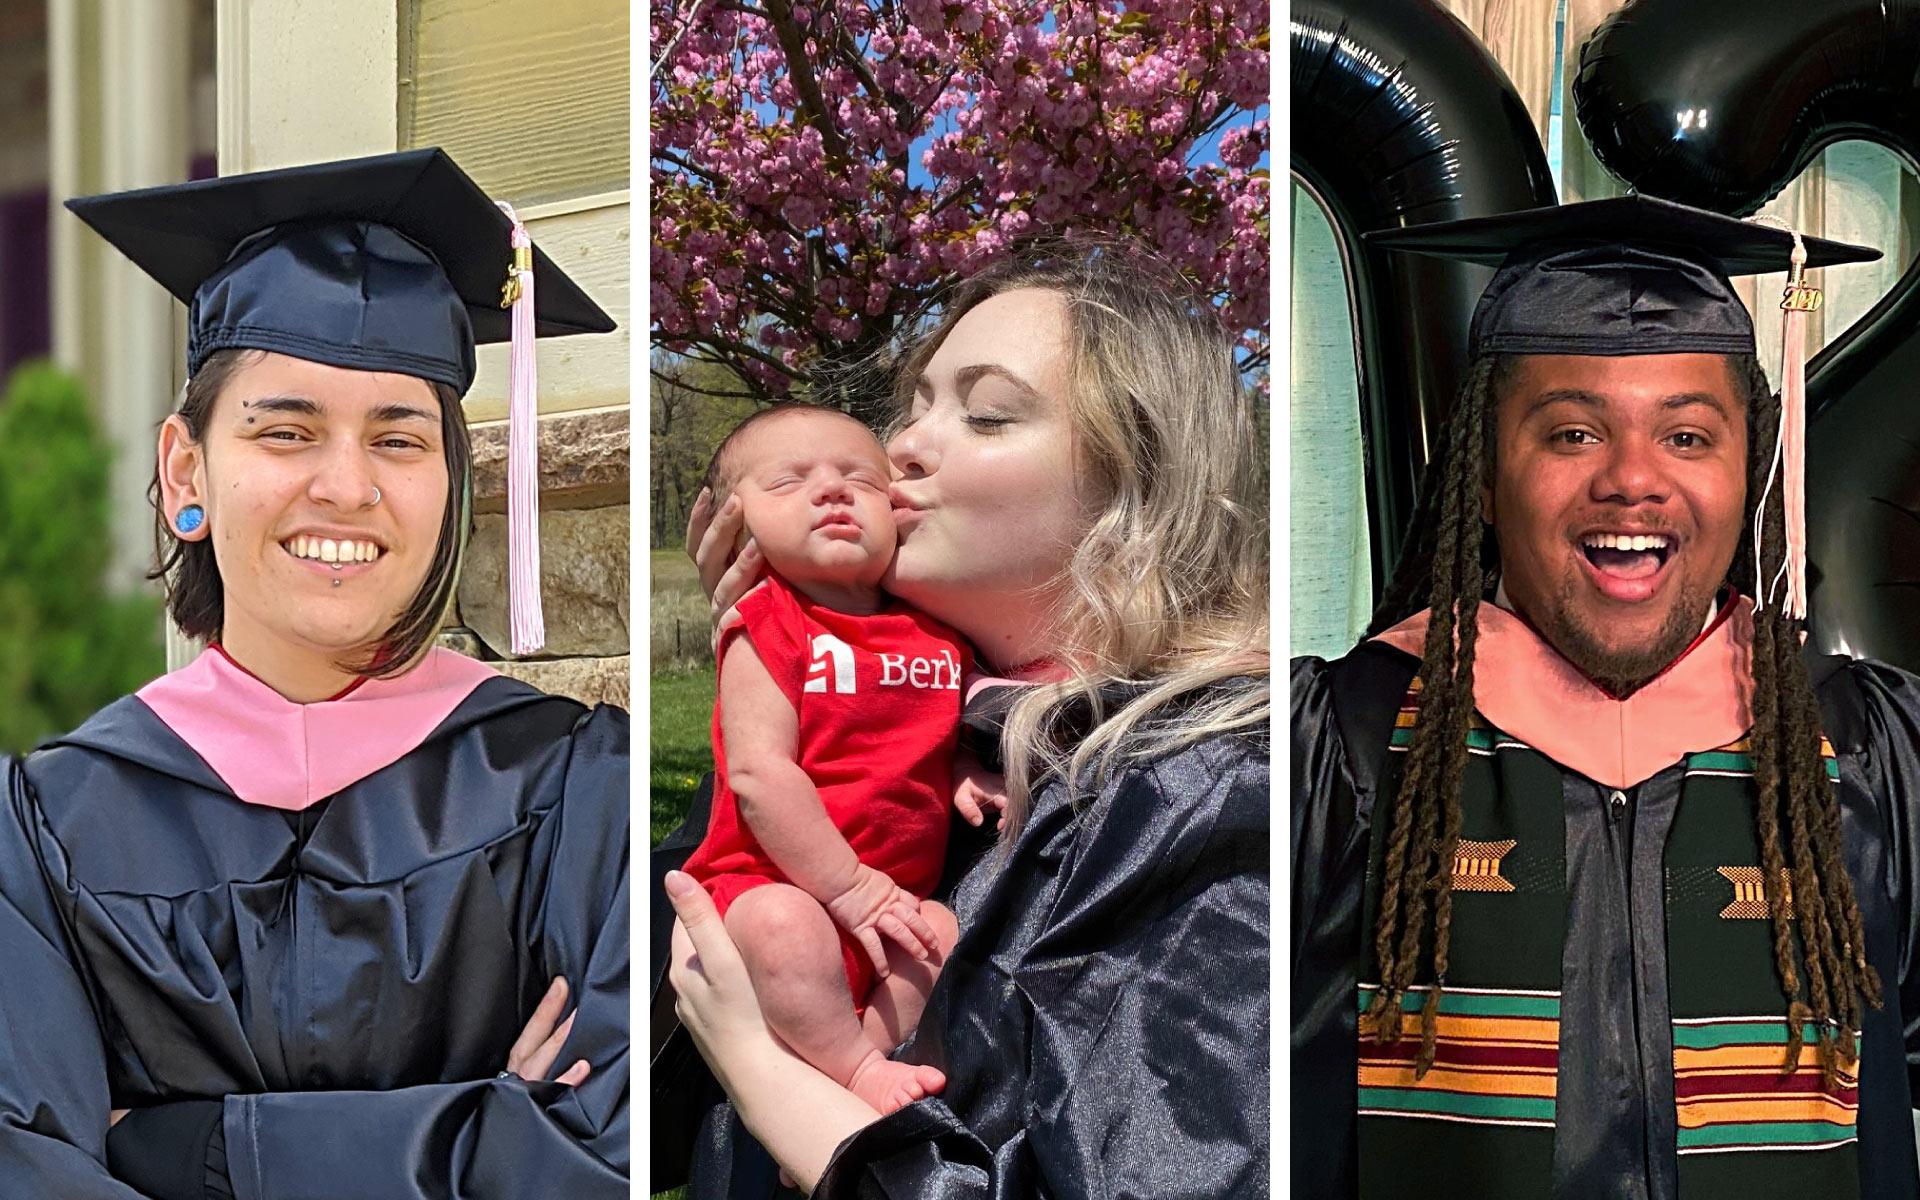 Berklee Online 2020 graduates Allegra Hernandez, Carrie Lane Pearlman, and Ryan Harris.